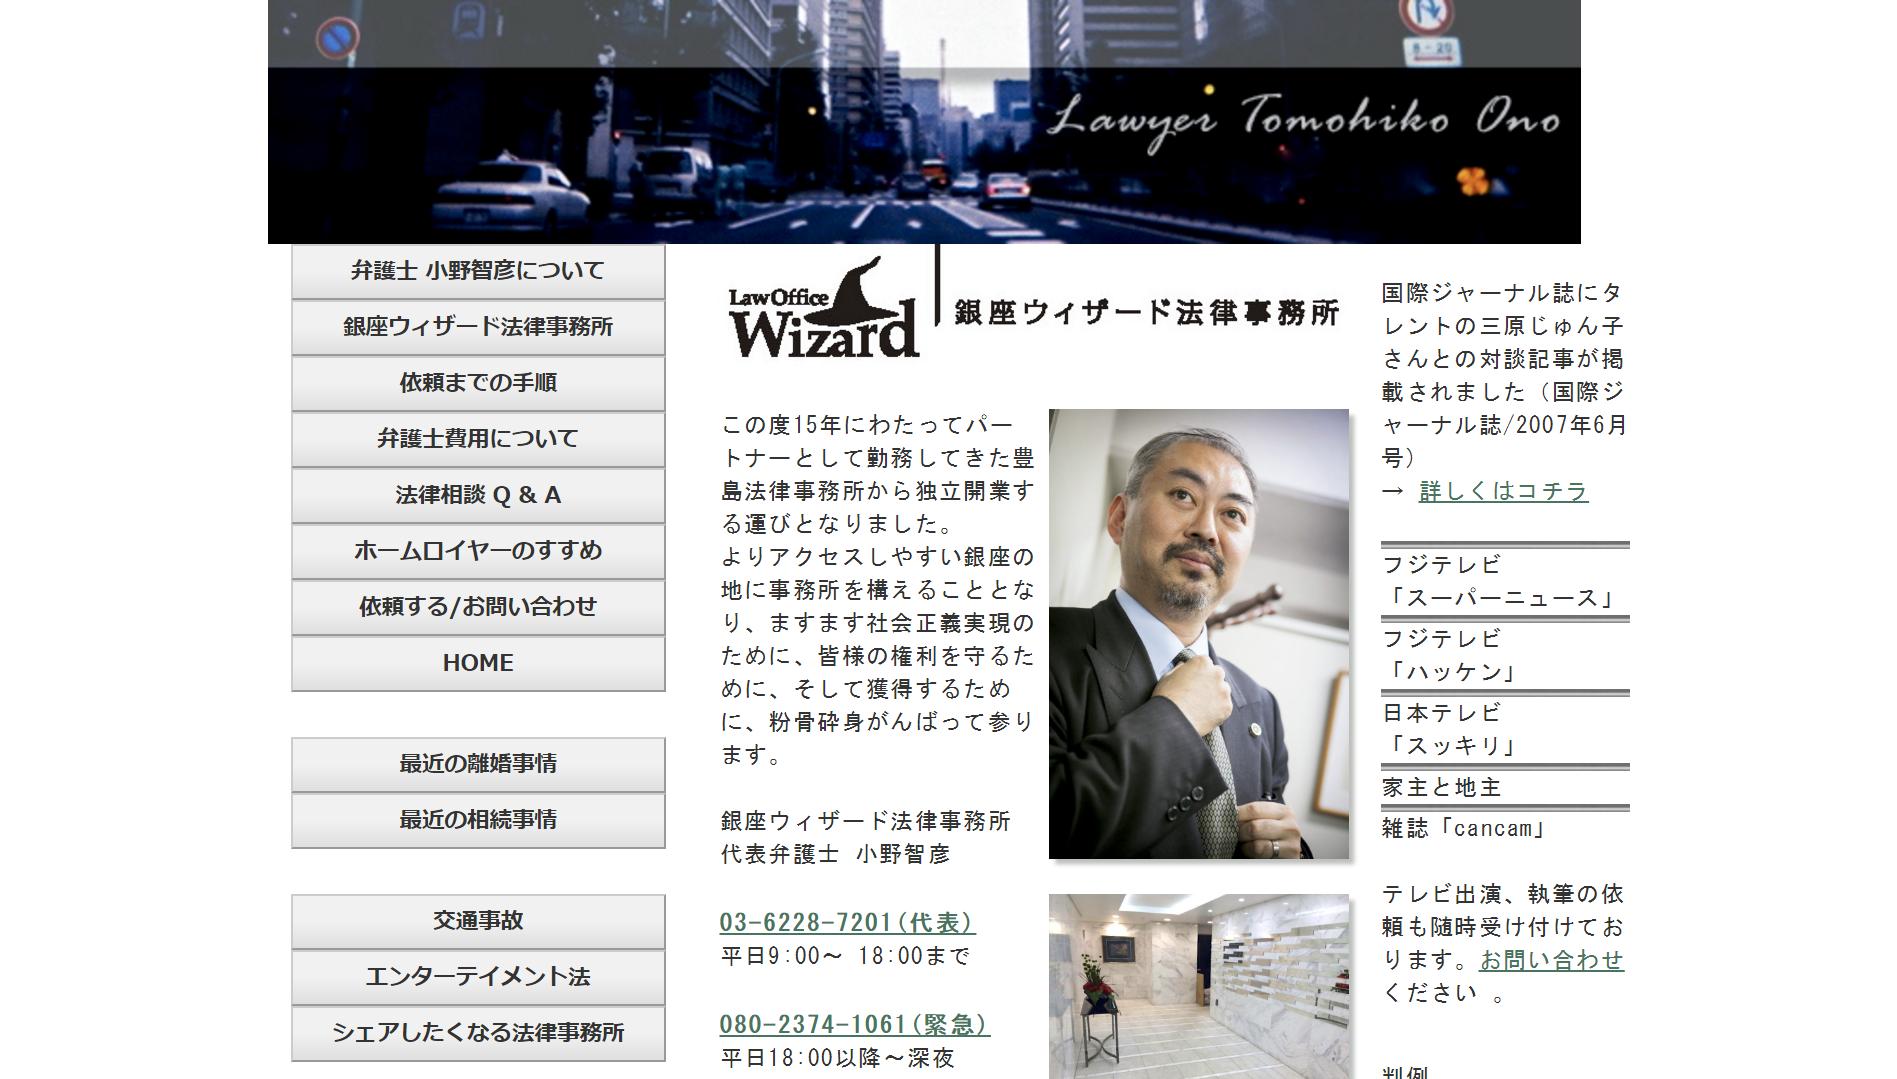 銀座ウィザード法律事務所(東京都中央区銀座)